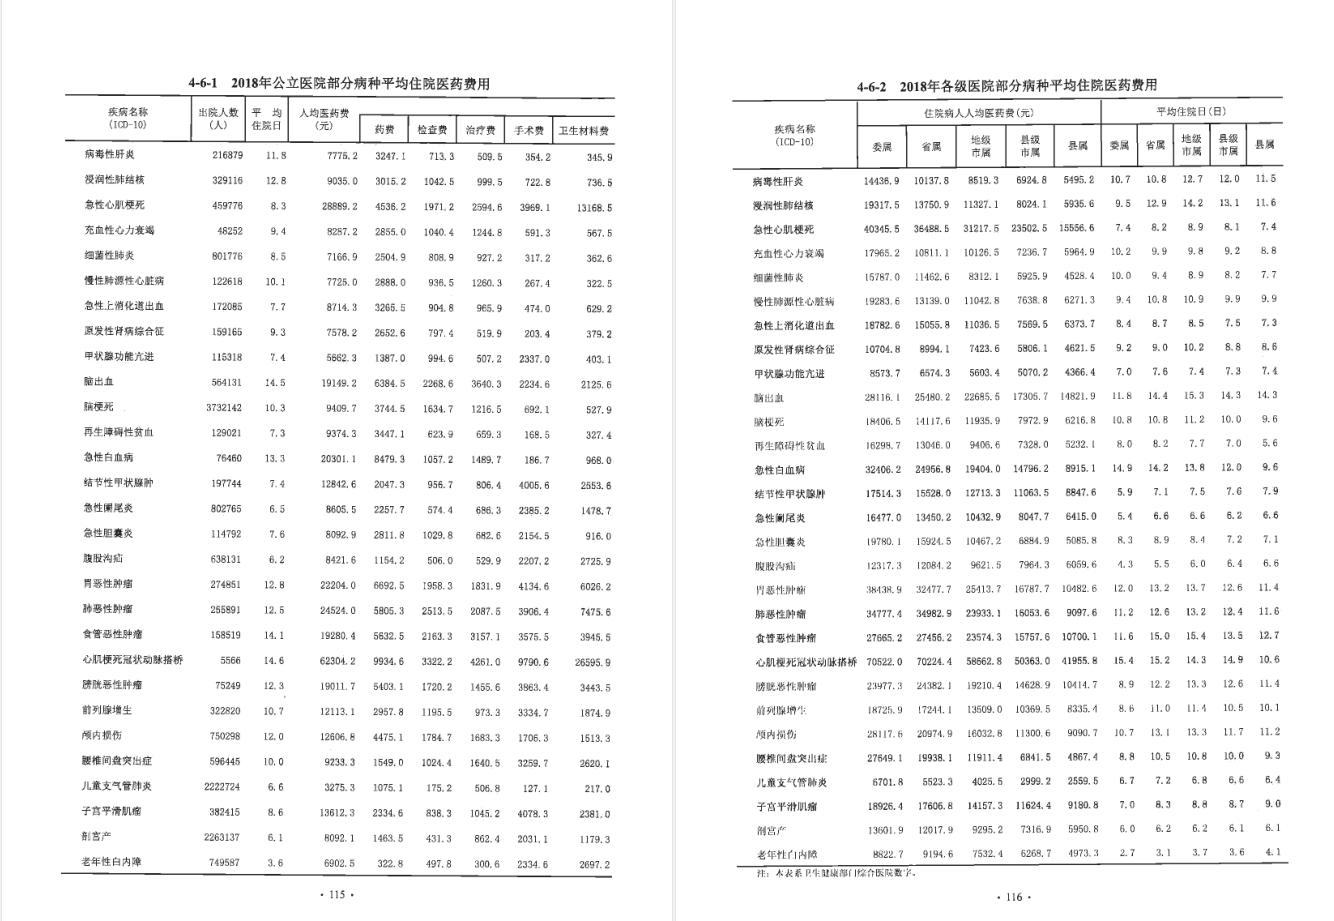 快看,它来了!《中国卫生健康统计年鉴2019》